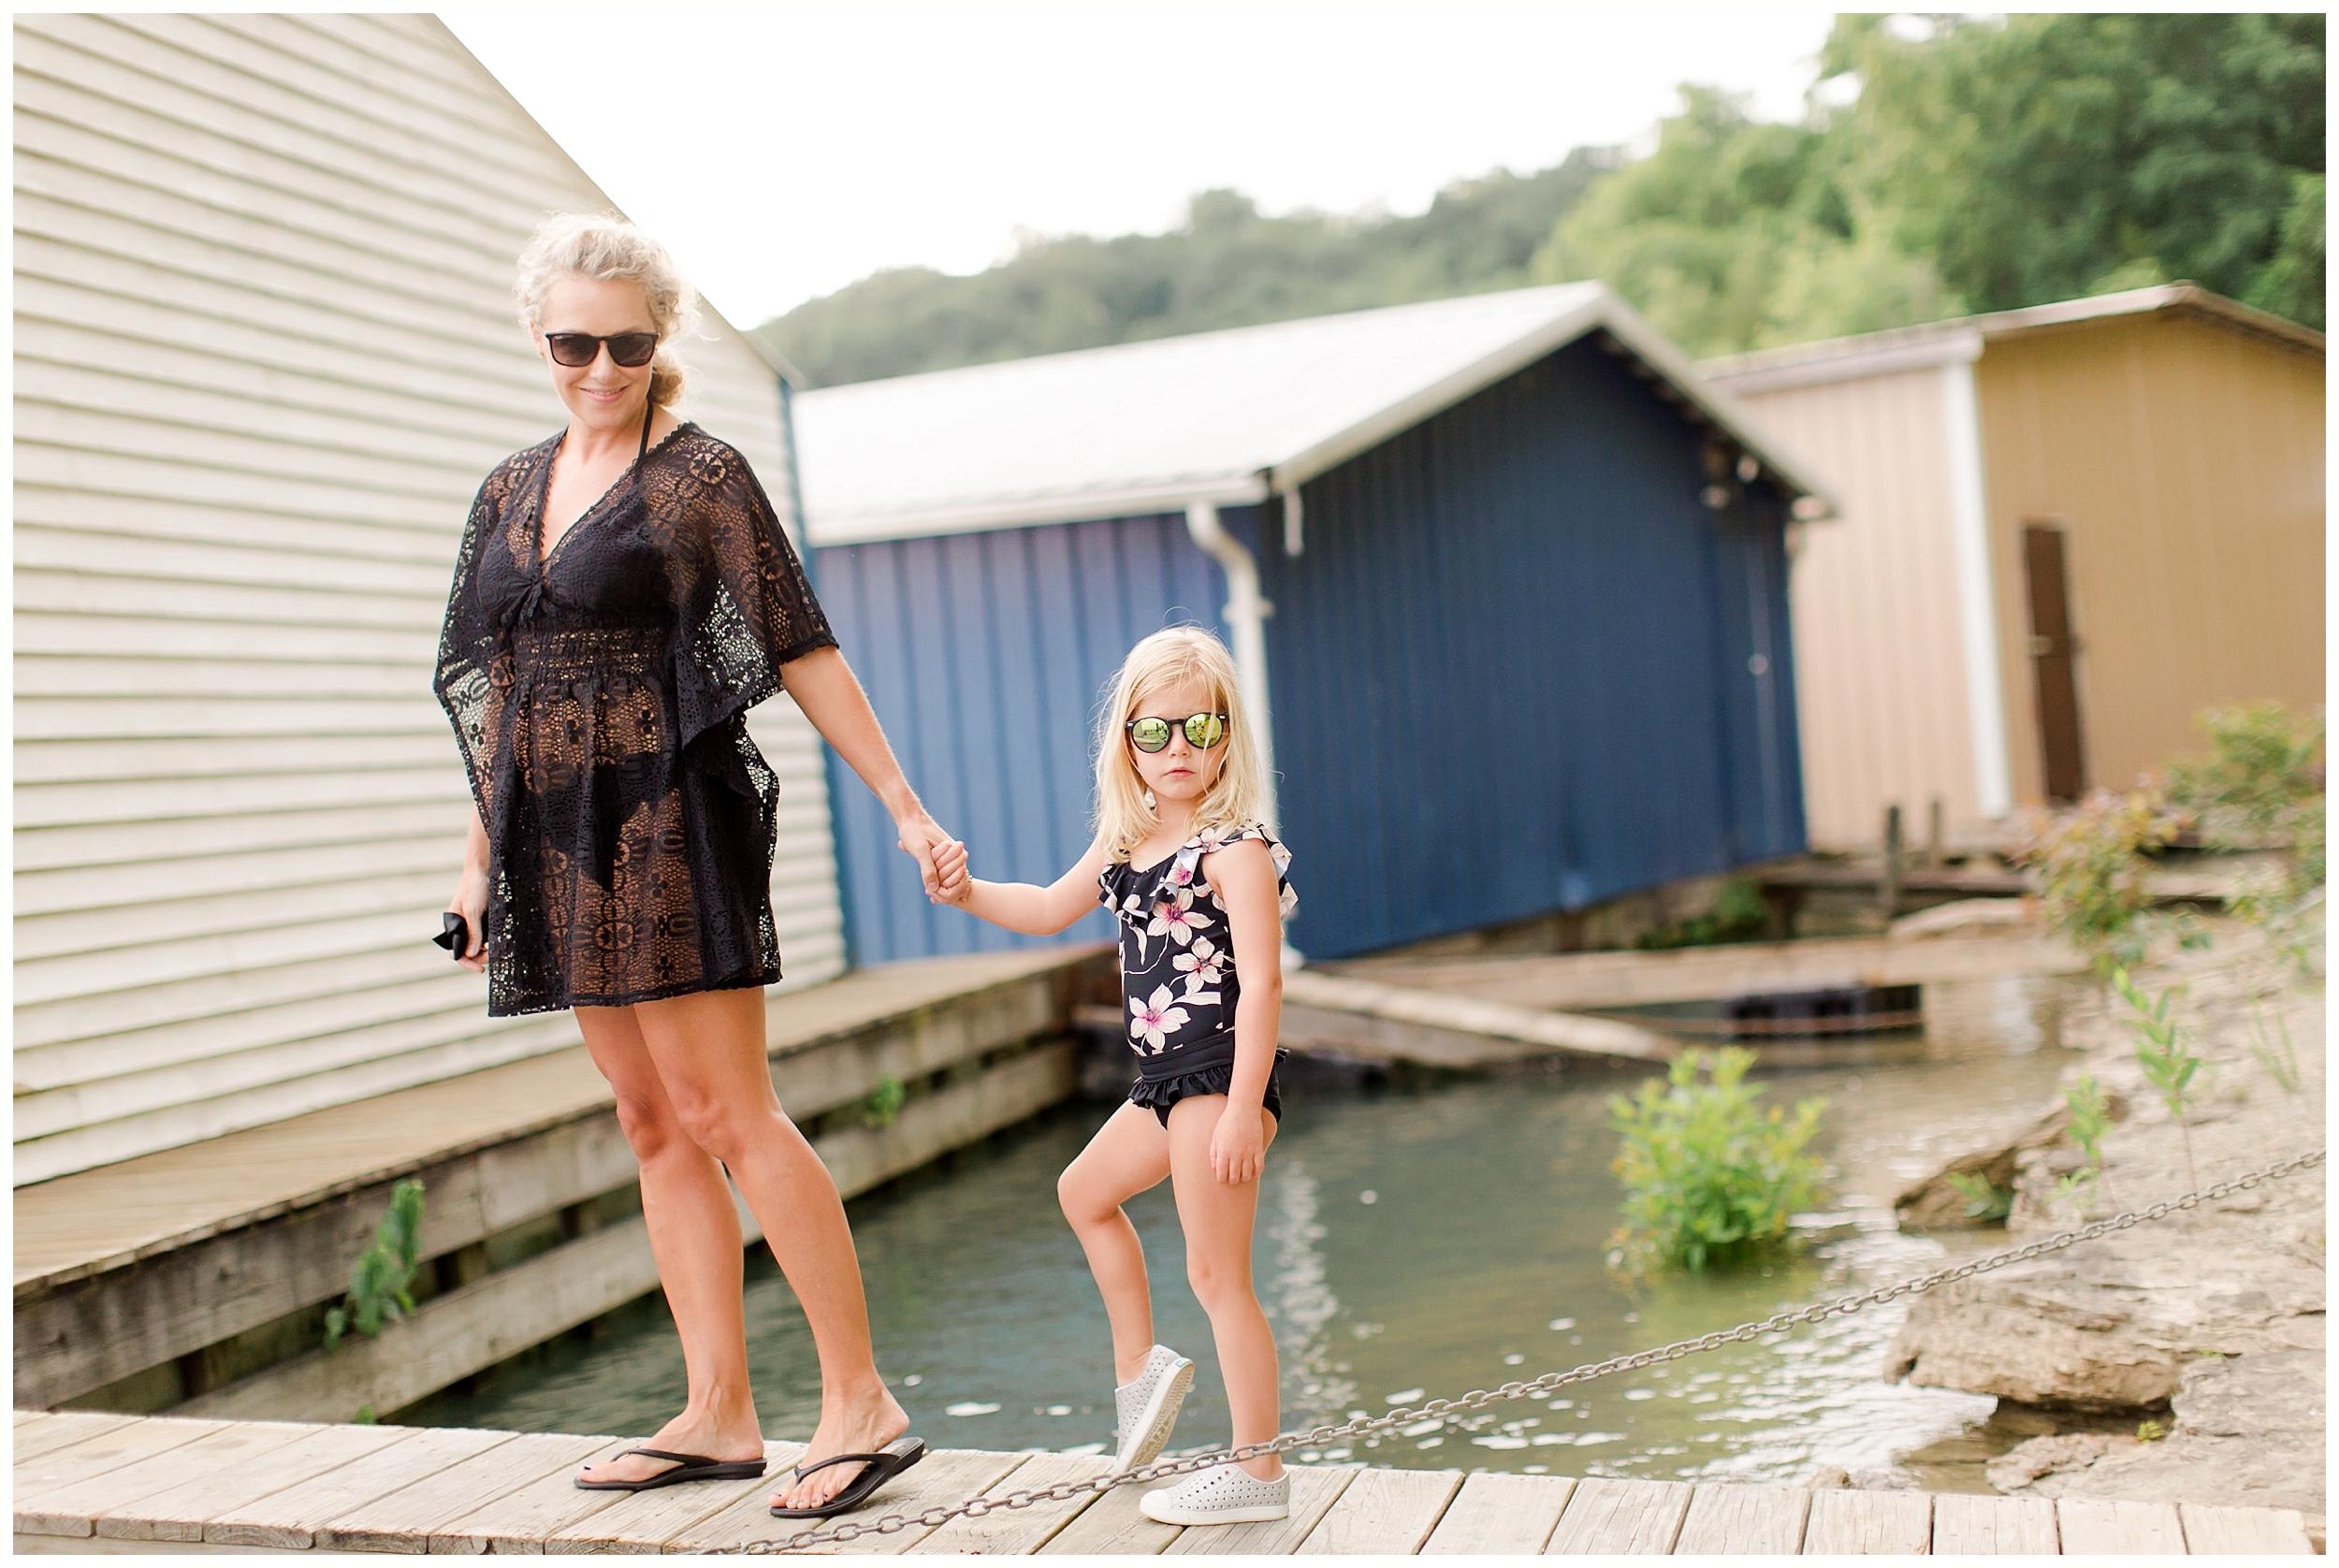 lexington-ky-family-lifestyle-photos-by-priscilla-baierlein_1247.jpg